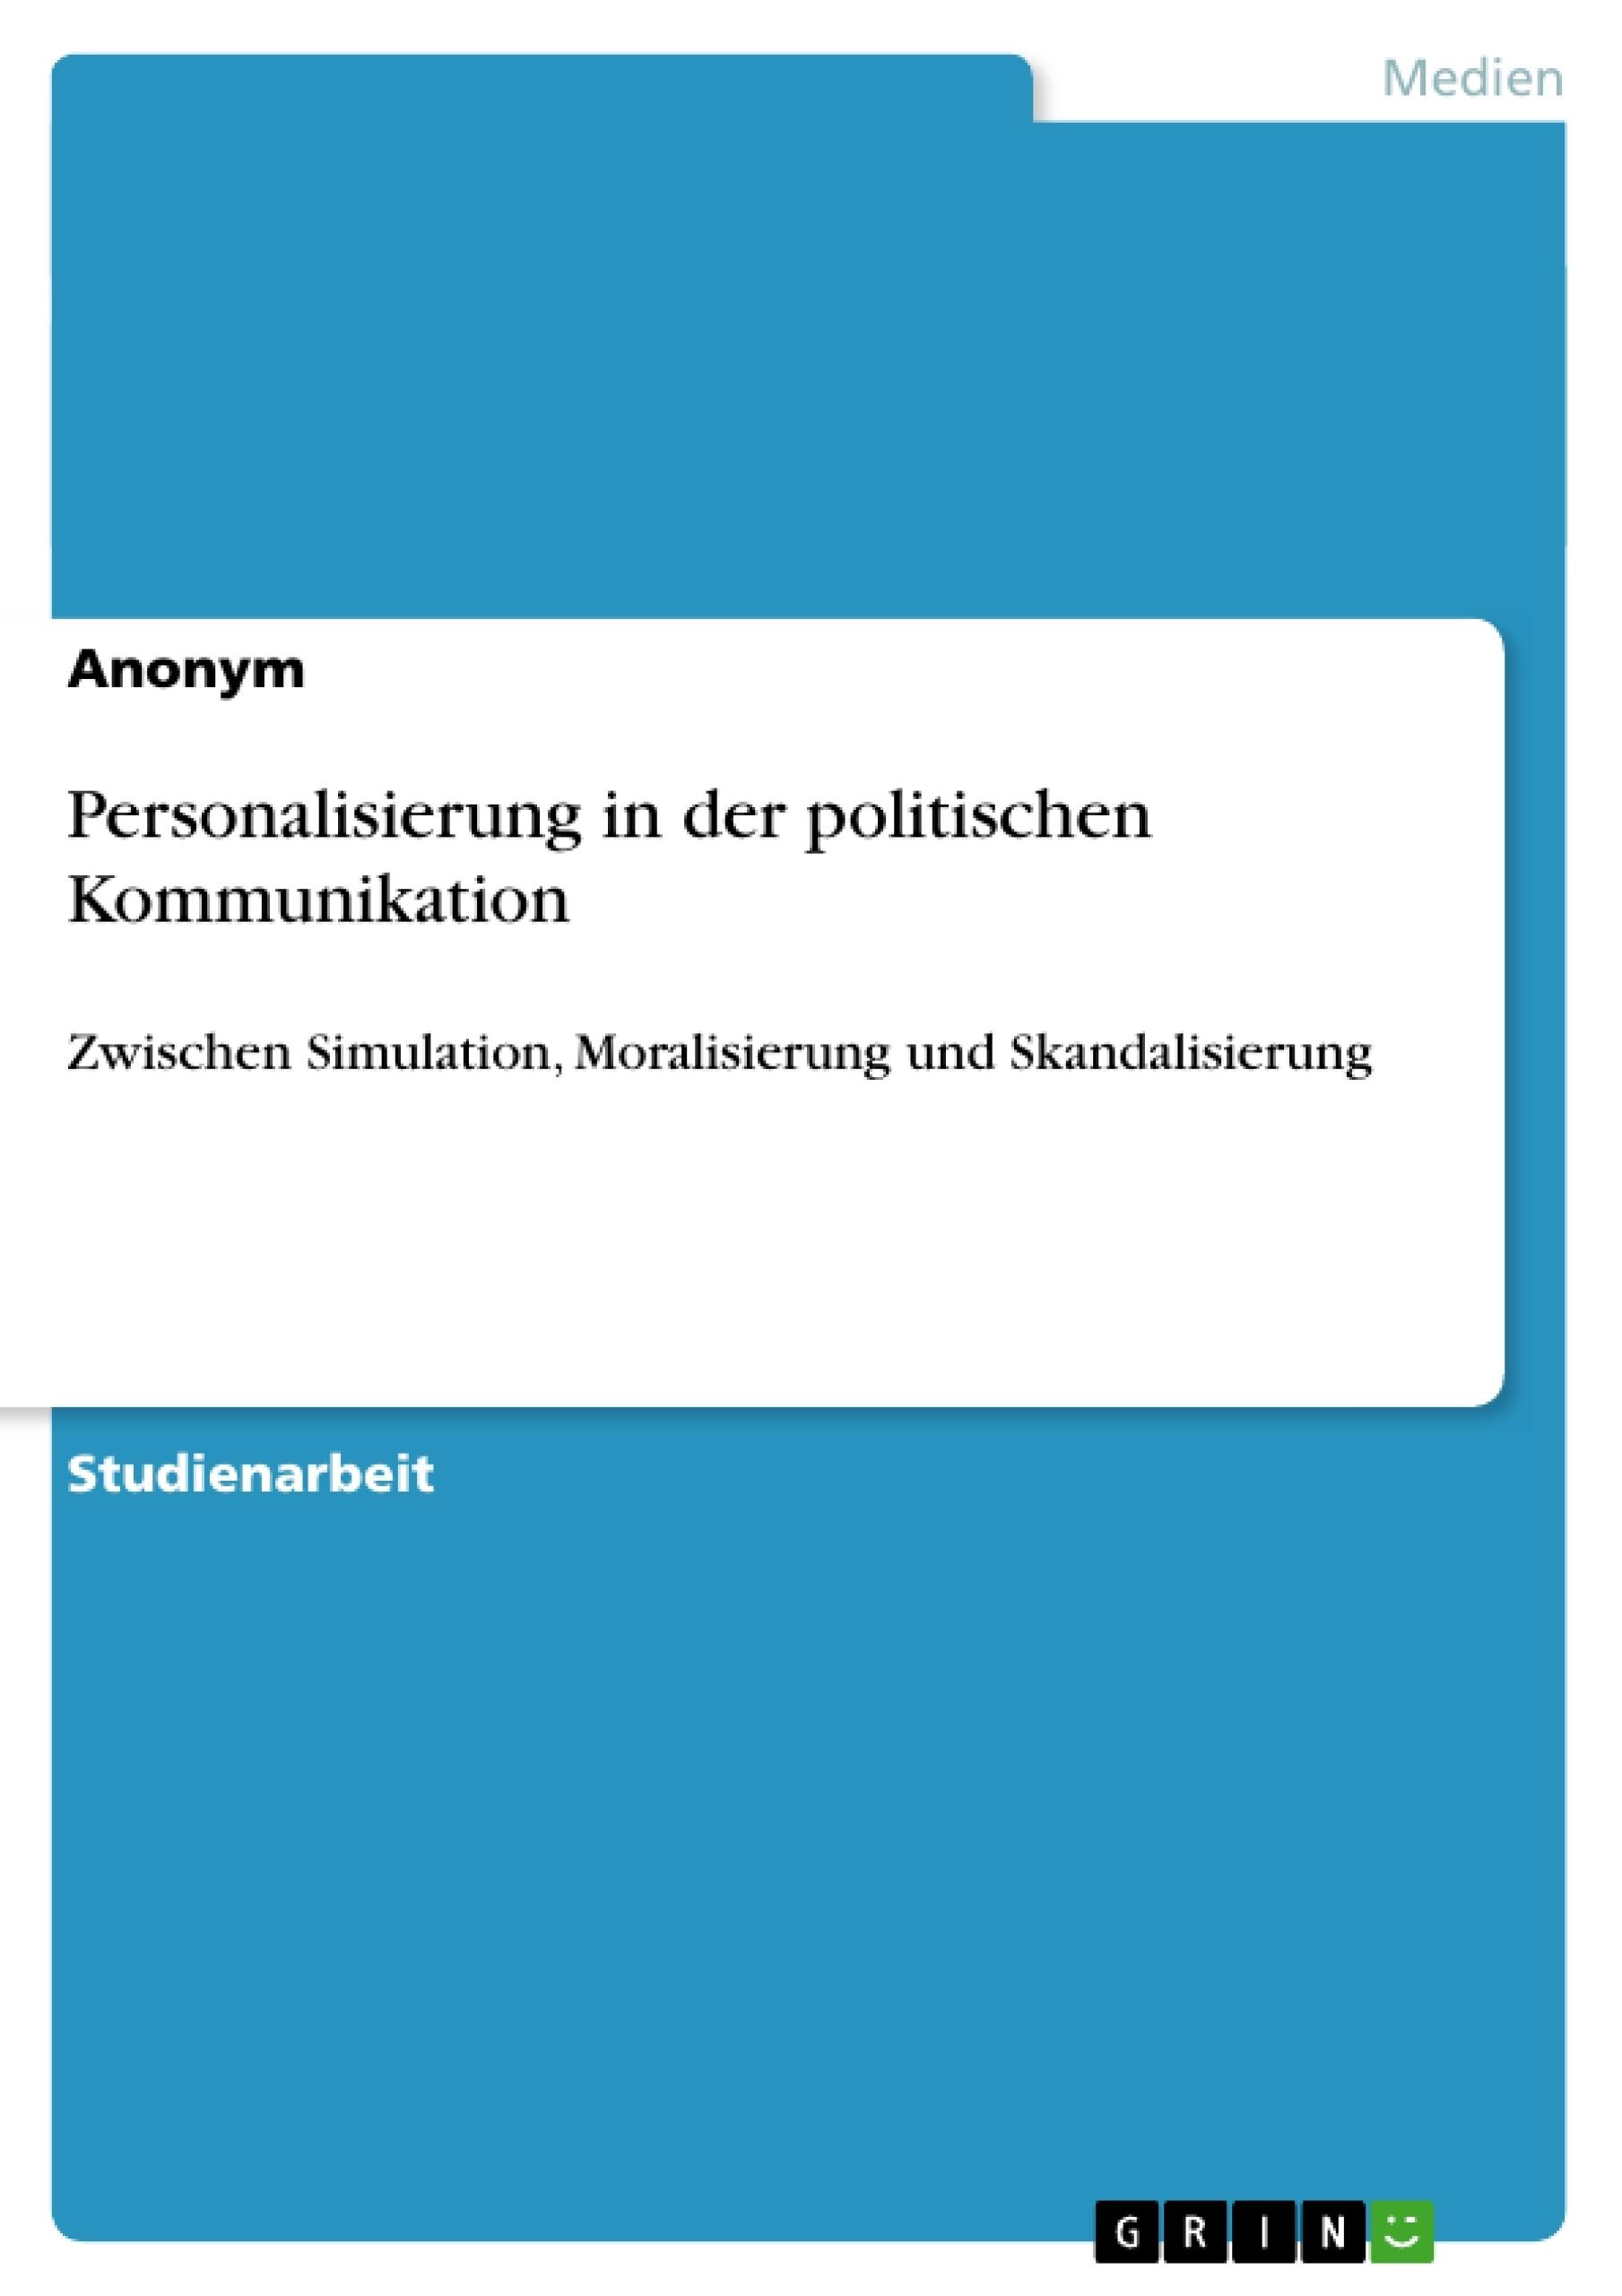 Titel: Personalisierung in der politischen Kommunikation